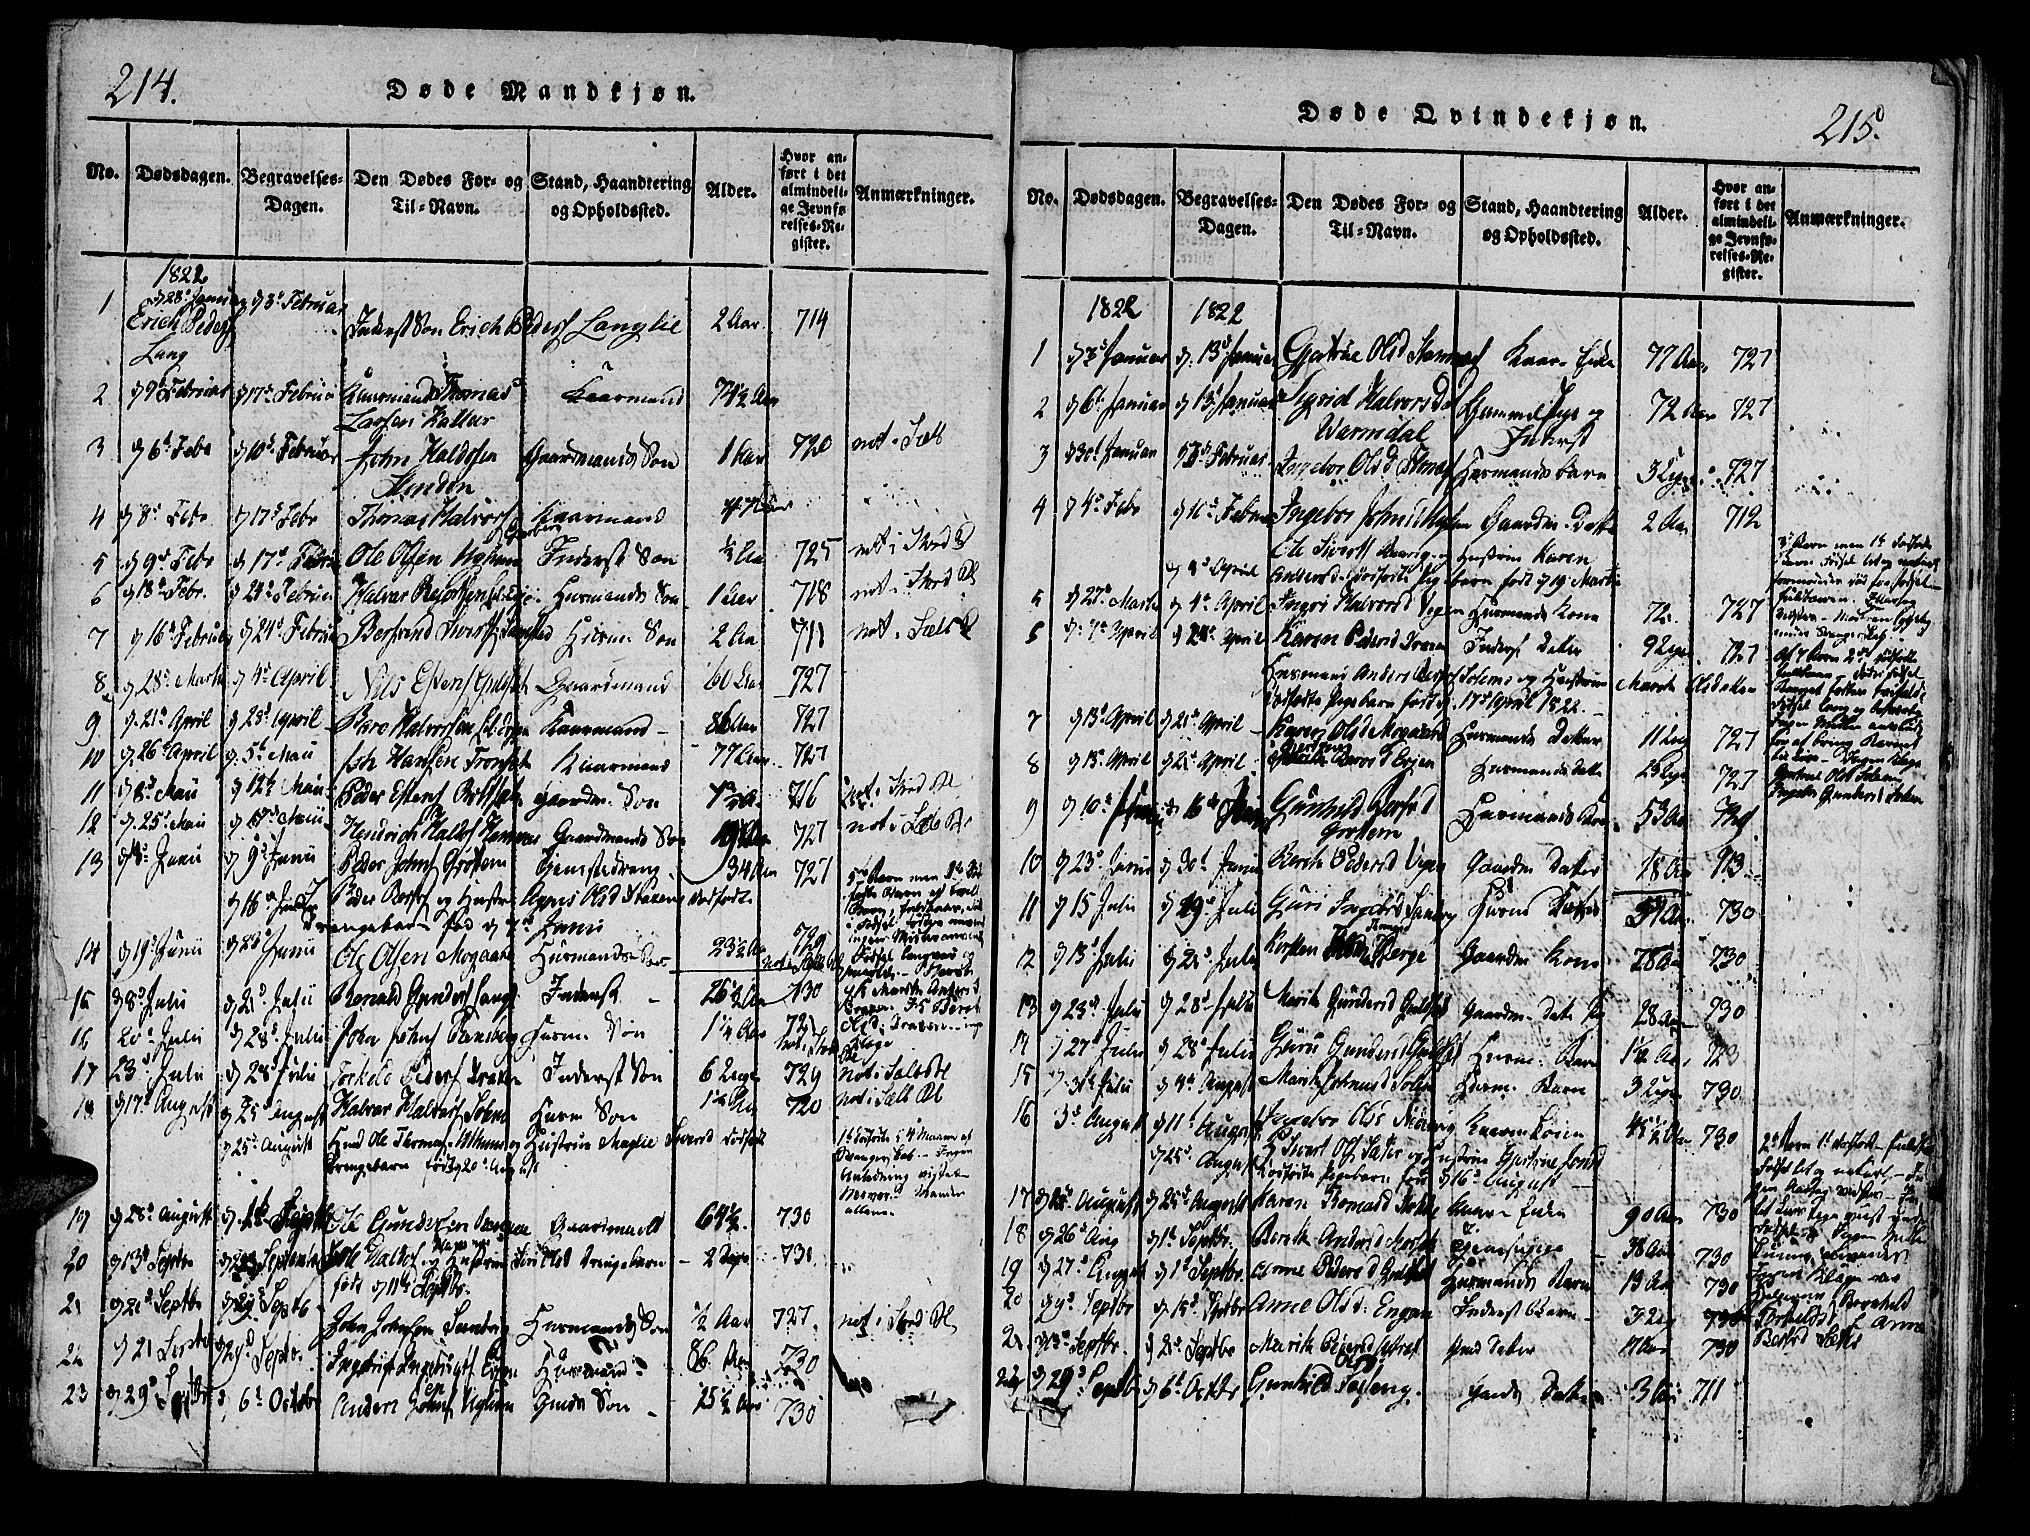 SAT, Ministerialprotokoller, klokkerbøker og fødselsregistre - Sør-Trøndelag, 695/L1141: Ministerialbok nr. 695A04 /1, 1816-1824, s. 214-215